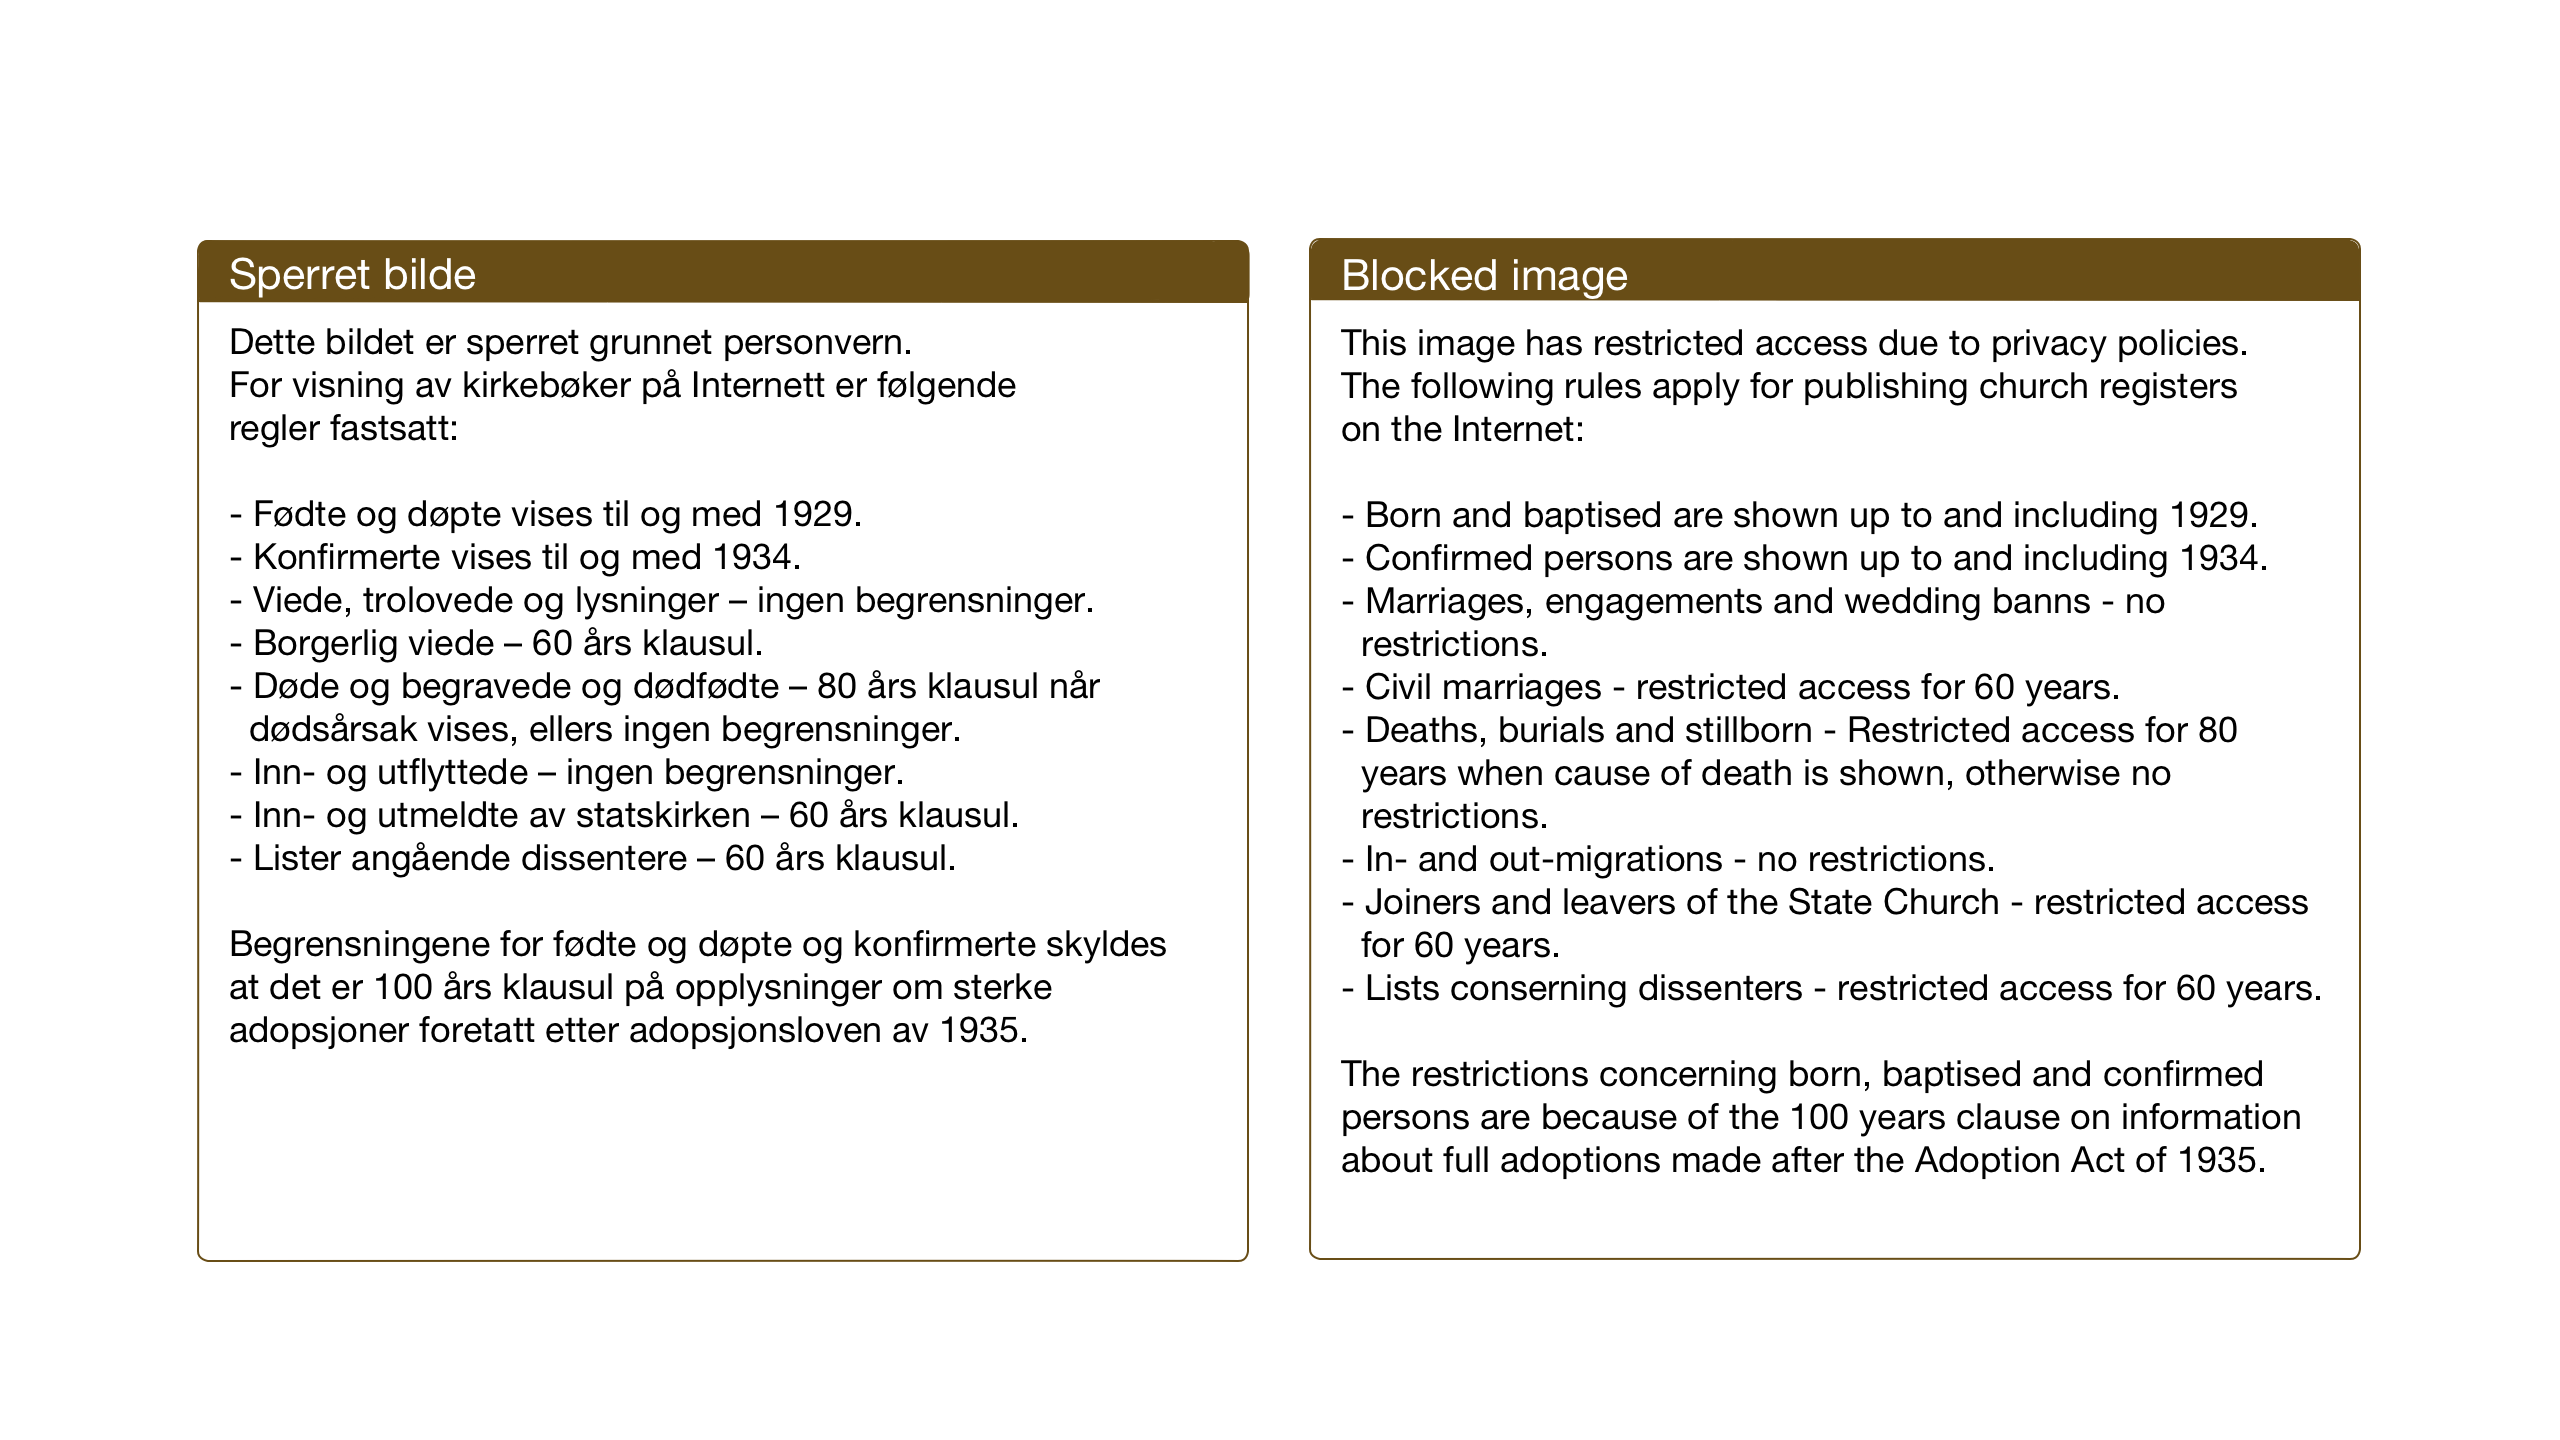 SAT, Ministerialprotokoller, klokkerbøker og fødselsregistre - Sør-Trøndelag, 657/L0718: Klokkerbok nr. 657C05, 1923-1948, s. 207